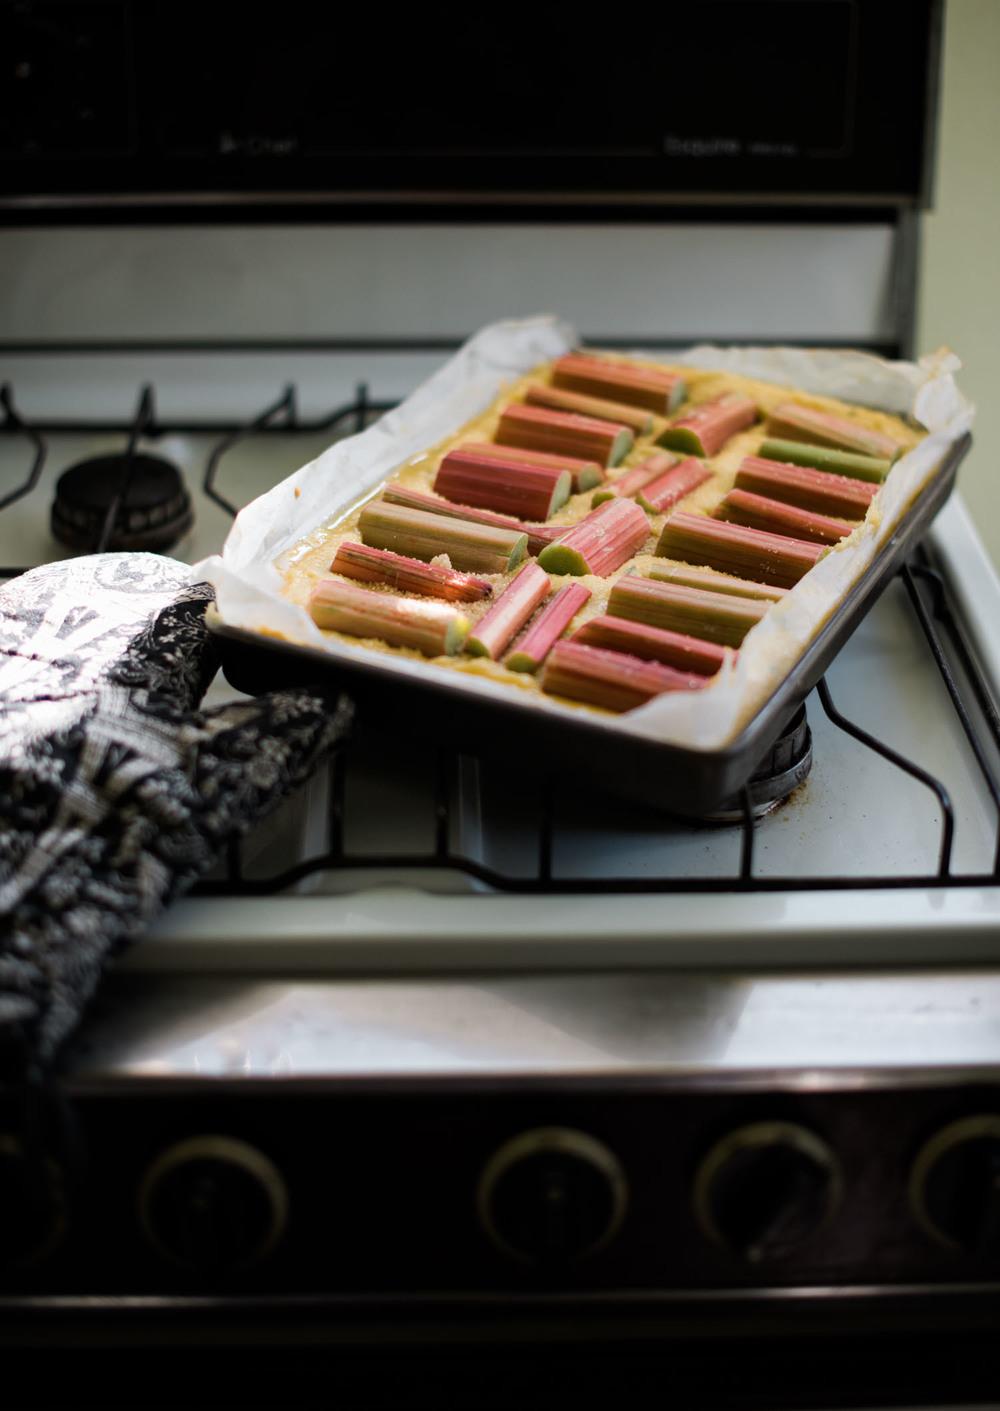 hannah puechmarin rhubarb tart